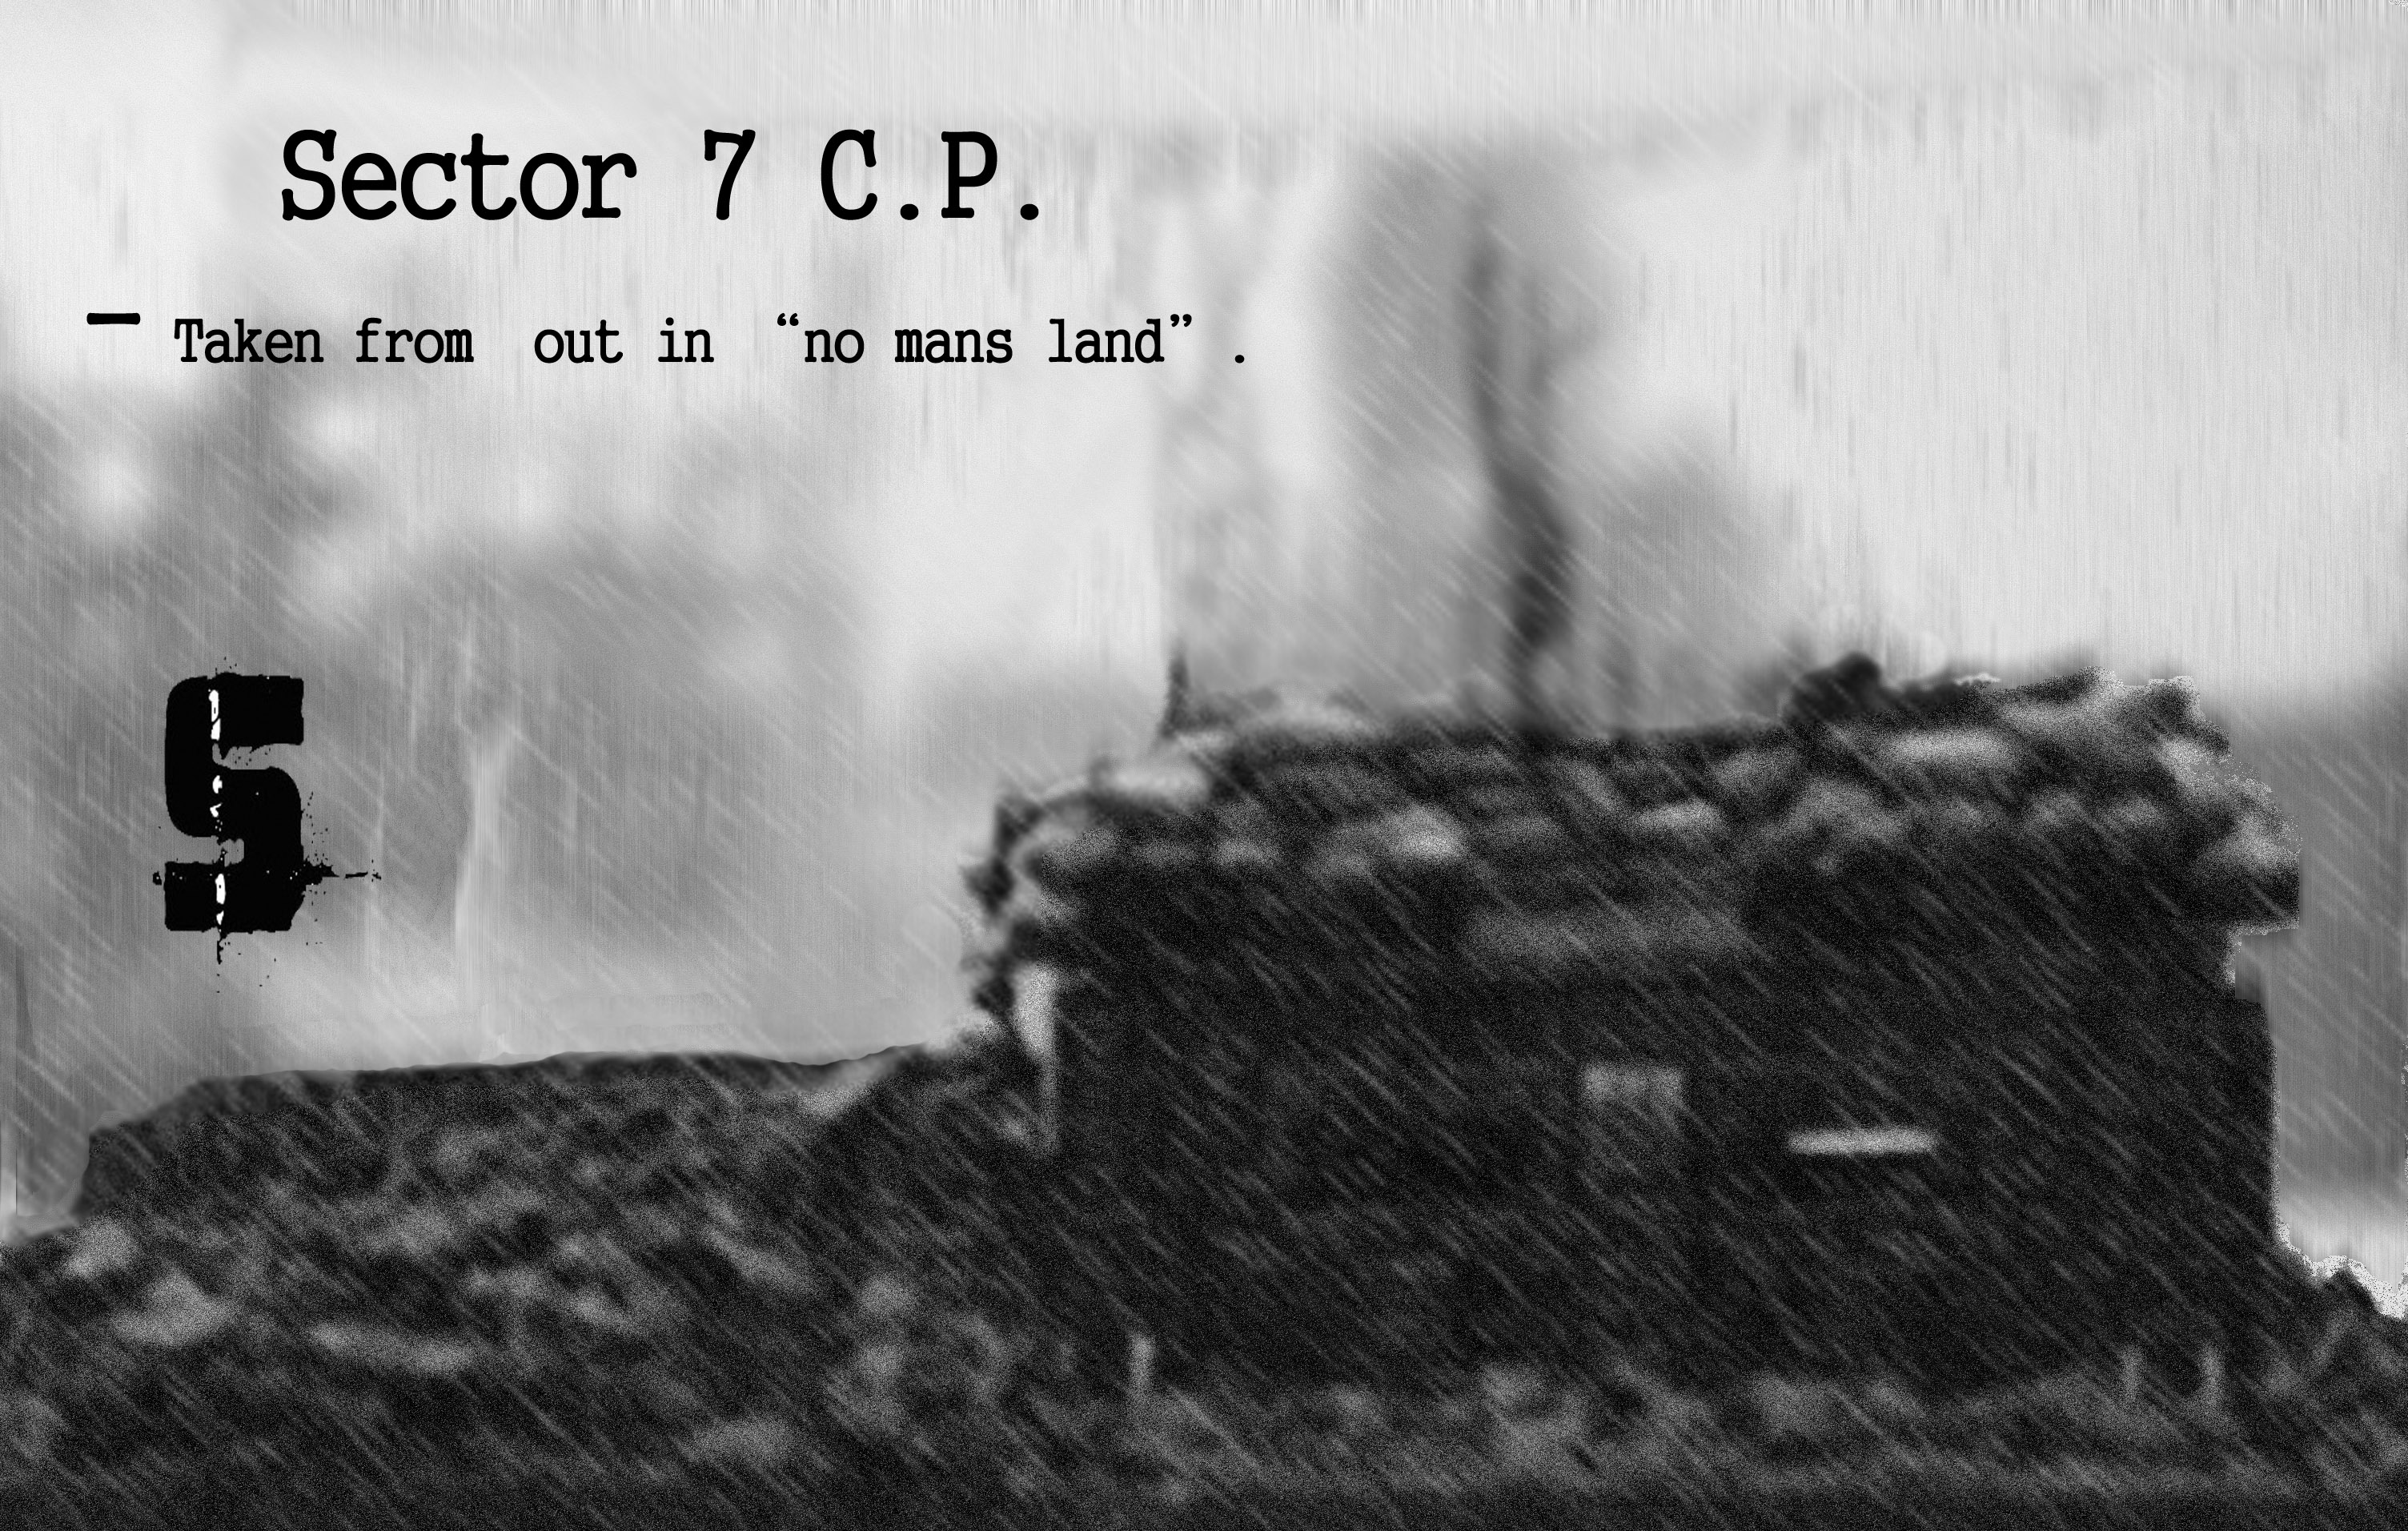 sec7-cp